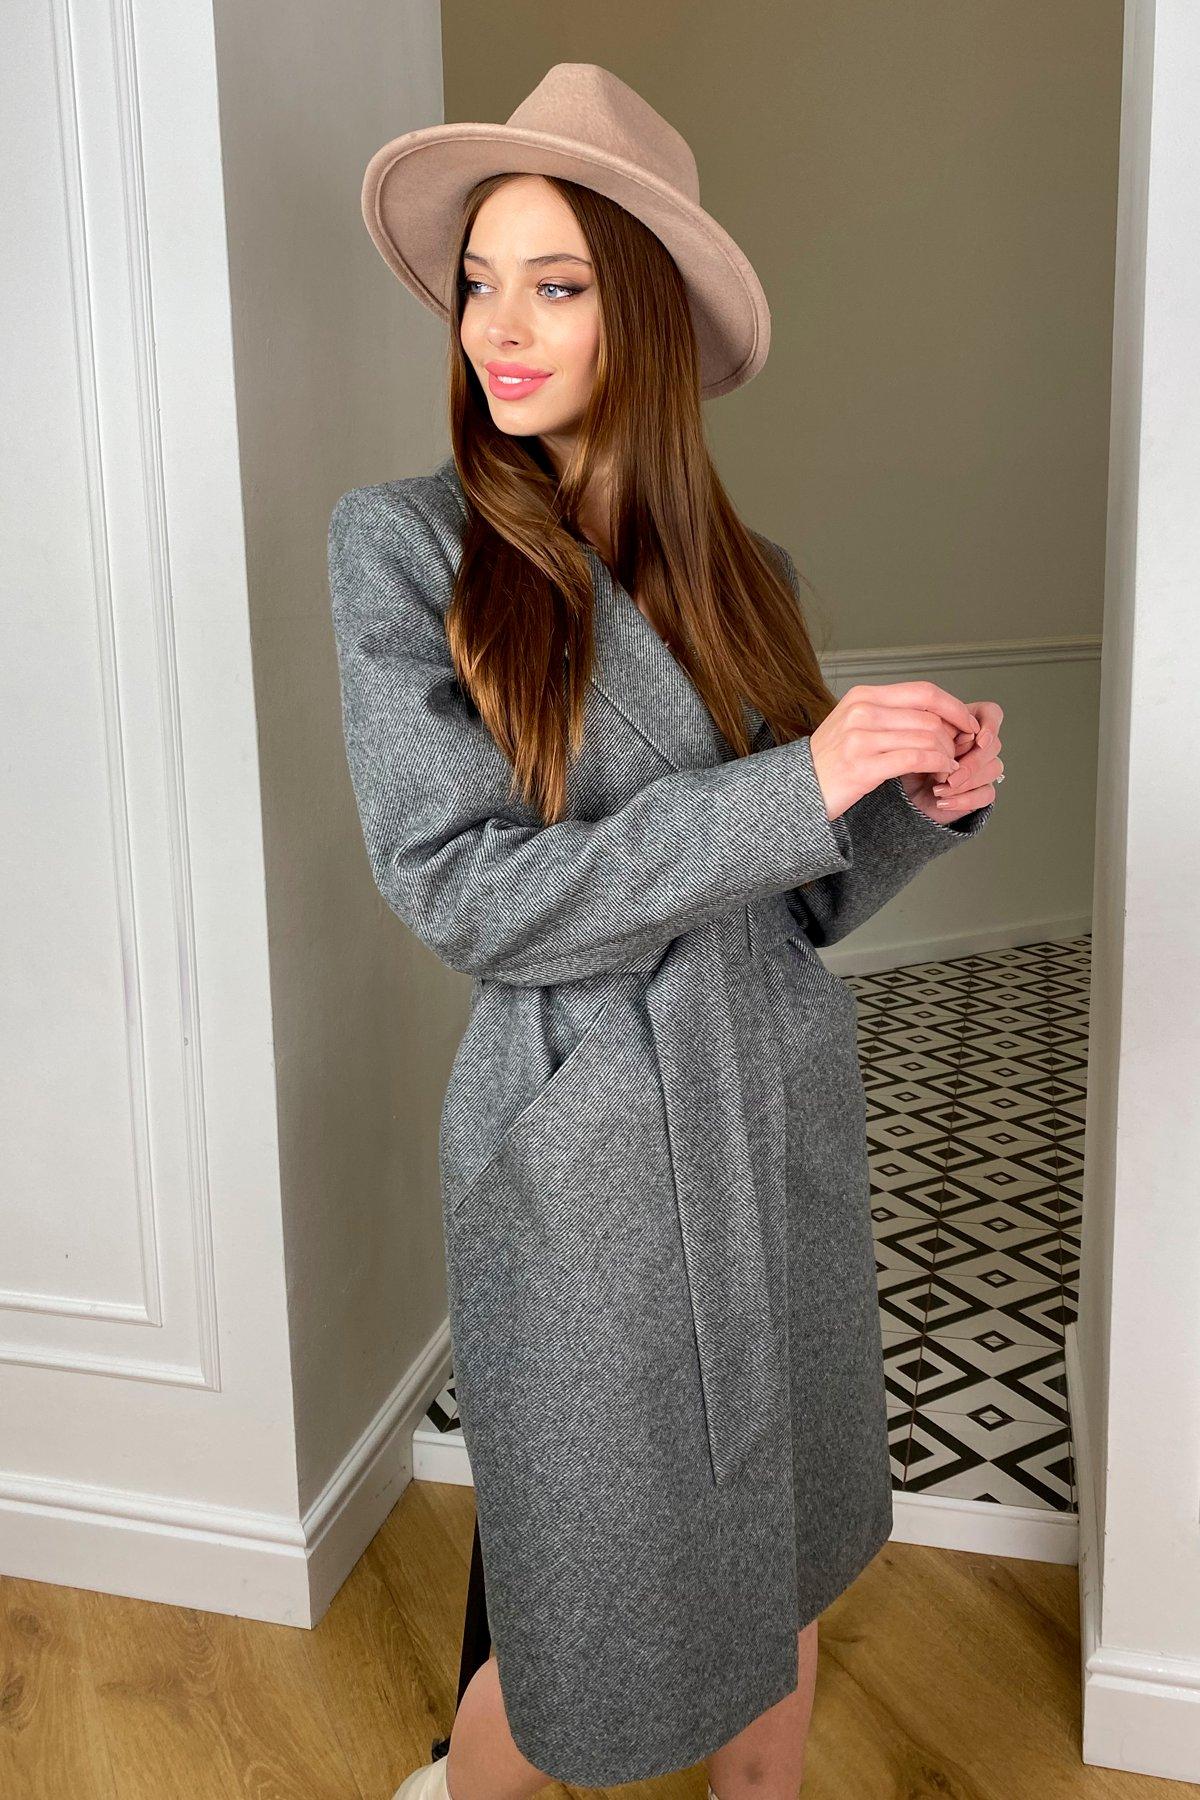 Кареро пальто с поясом из  пальтовой ткани  7961 АРТ. 44033 Цвет: Серый 1 - фото 1, интернет магазин tm-modus.ru